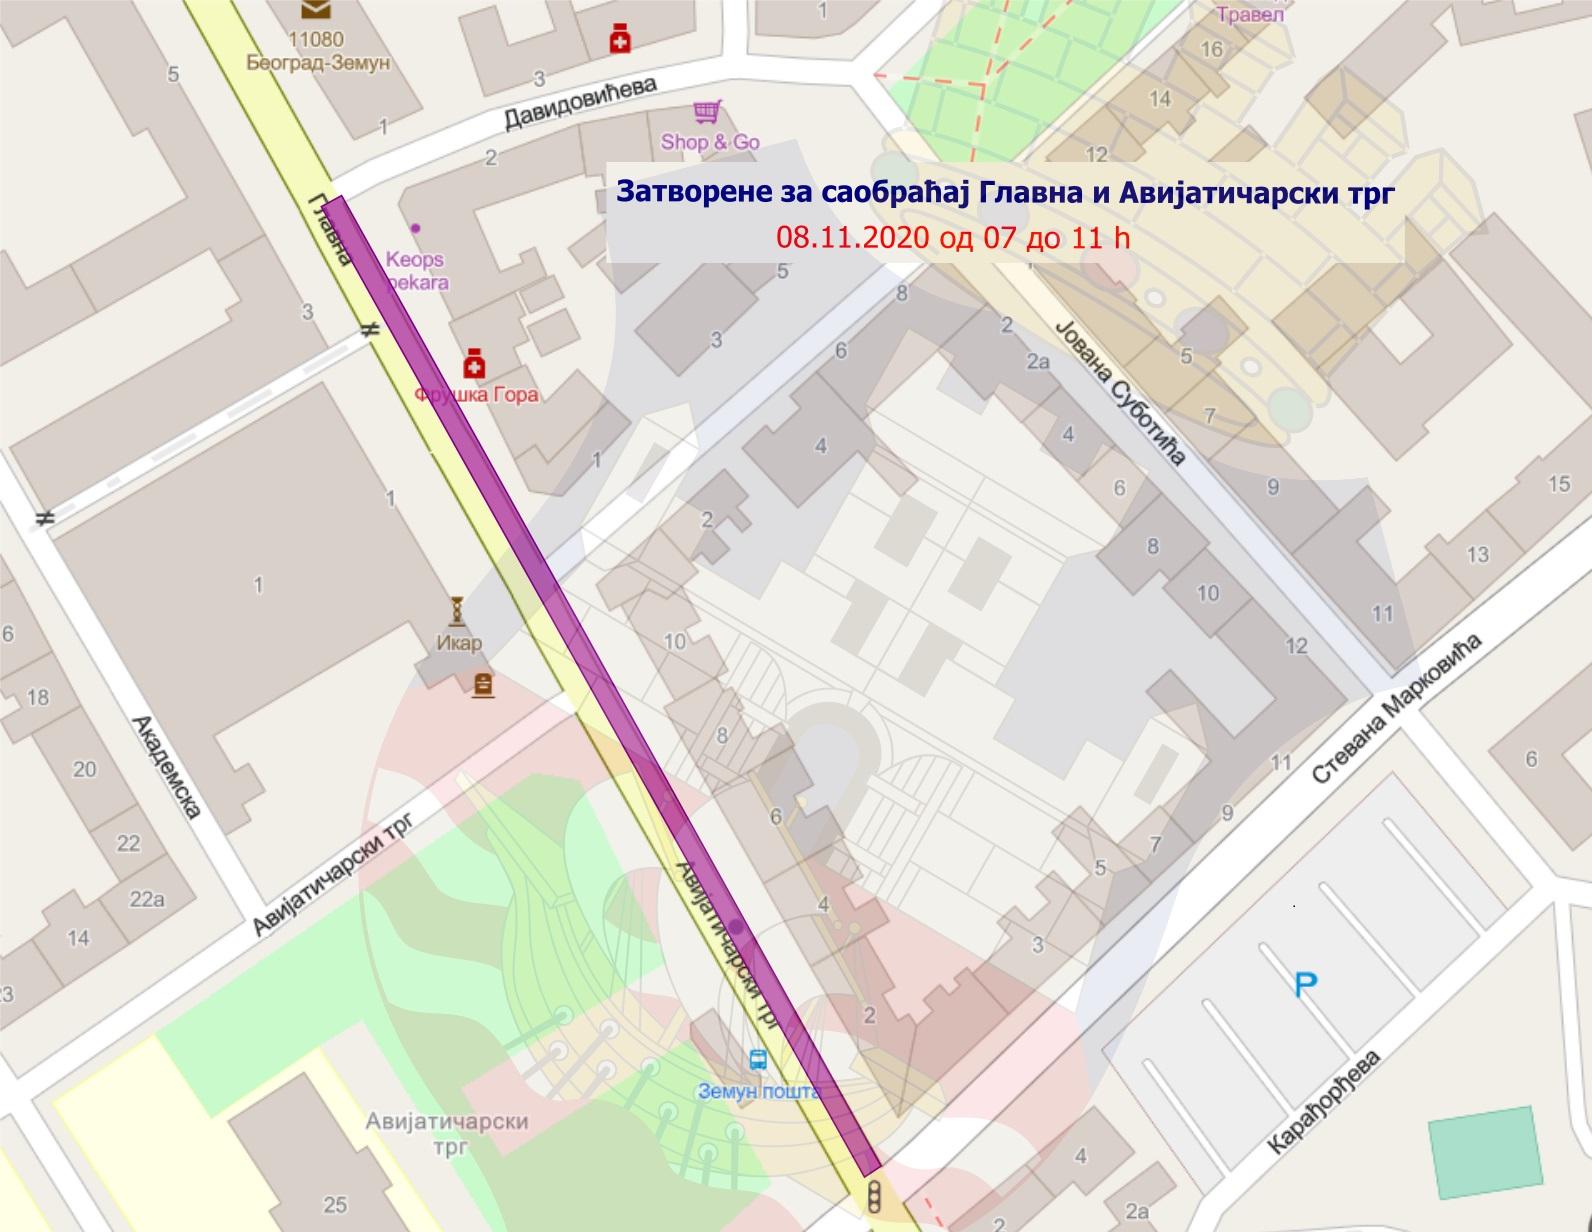 Затворене за саобраћај  улица Главна и Авијатичарски трг